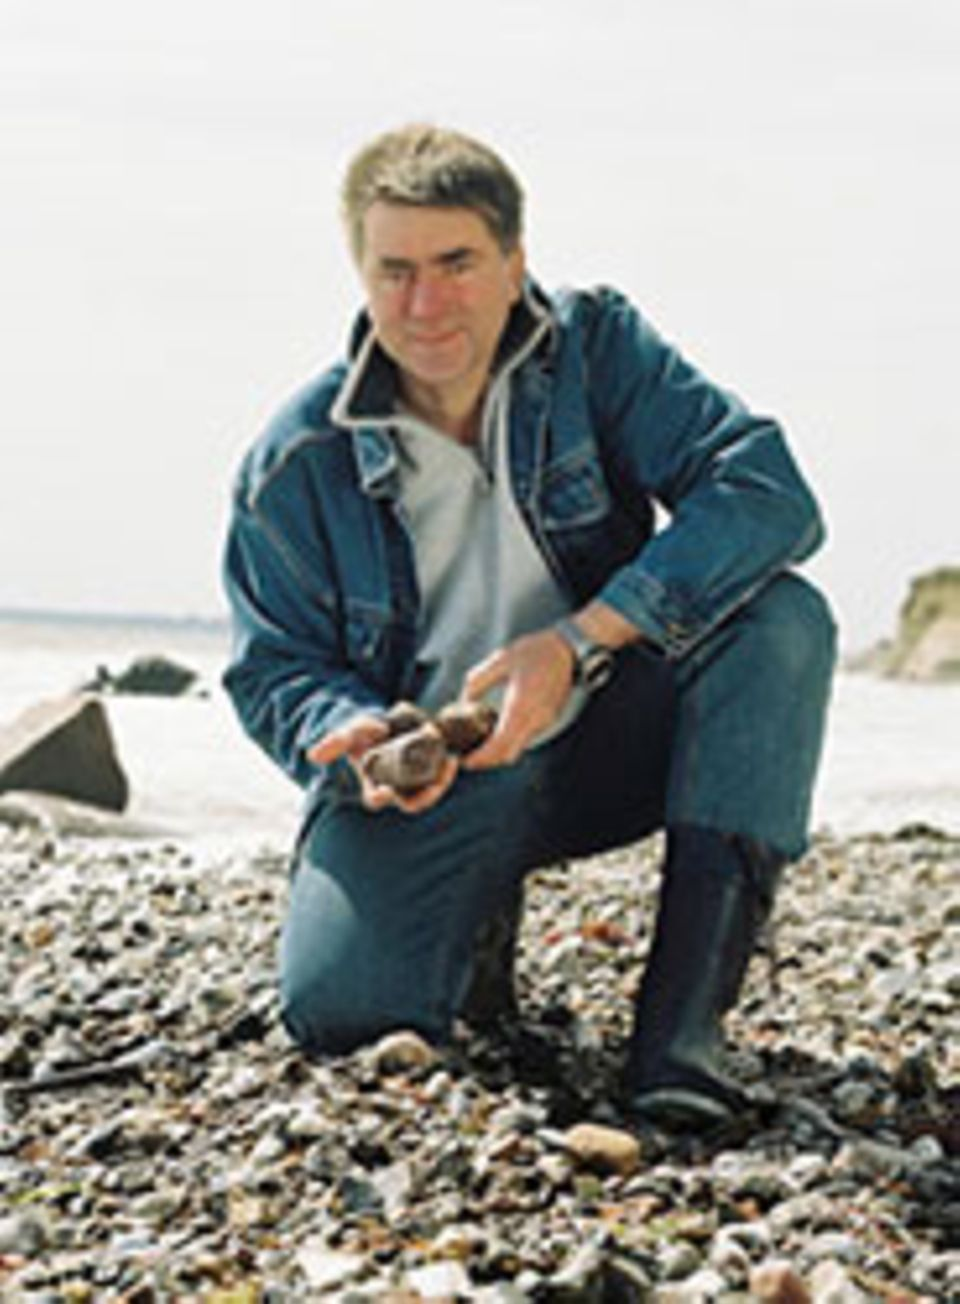 Kein Bernstein, sondern Phosphor: Läuft am Strand gerne mit dem Blick nach unten: Diplom-Biologe Dr. Frank Rudolph